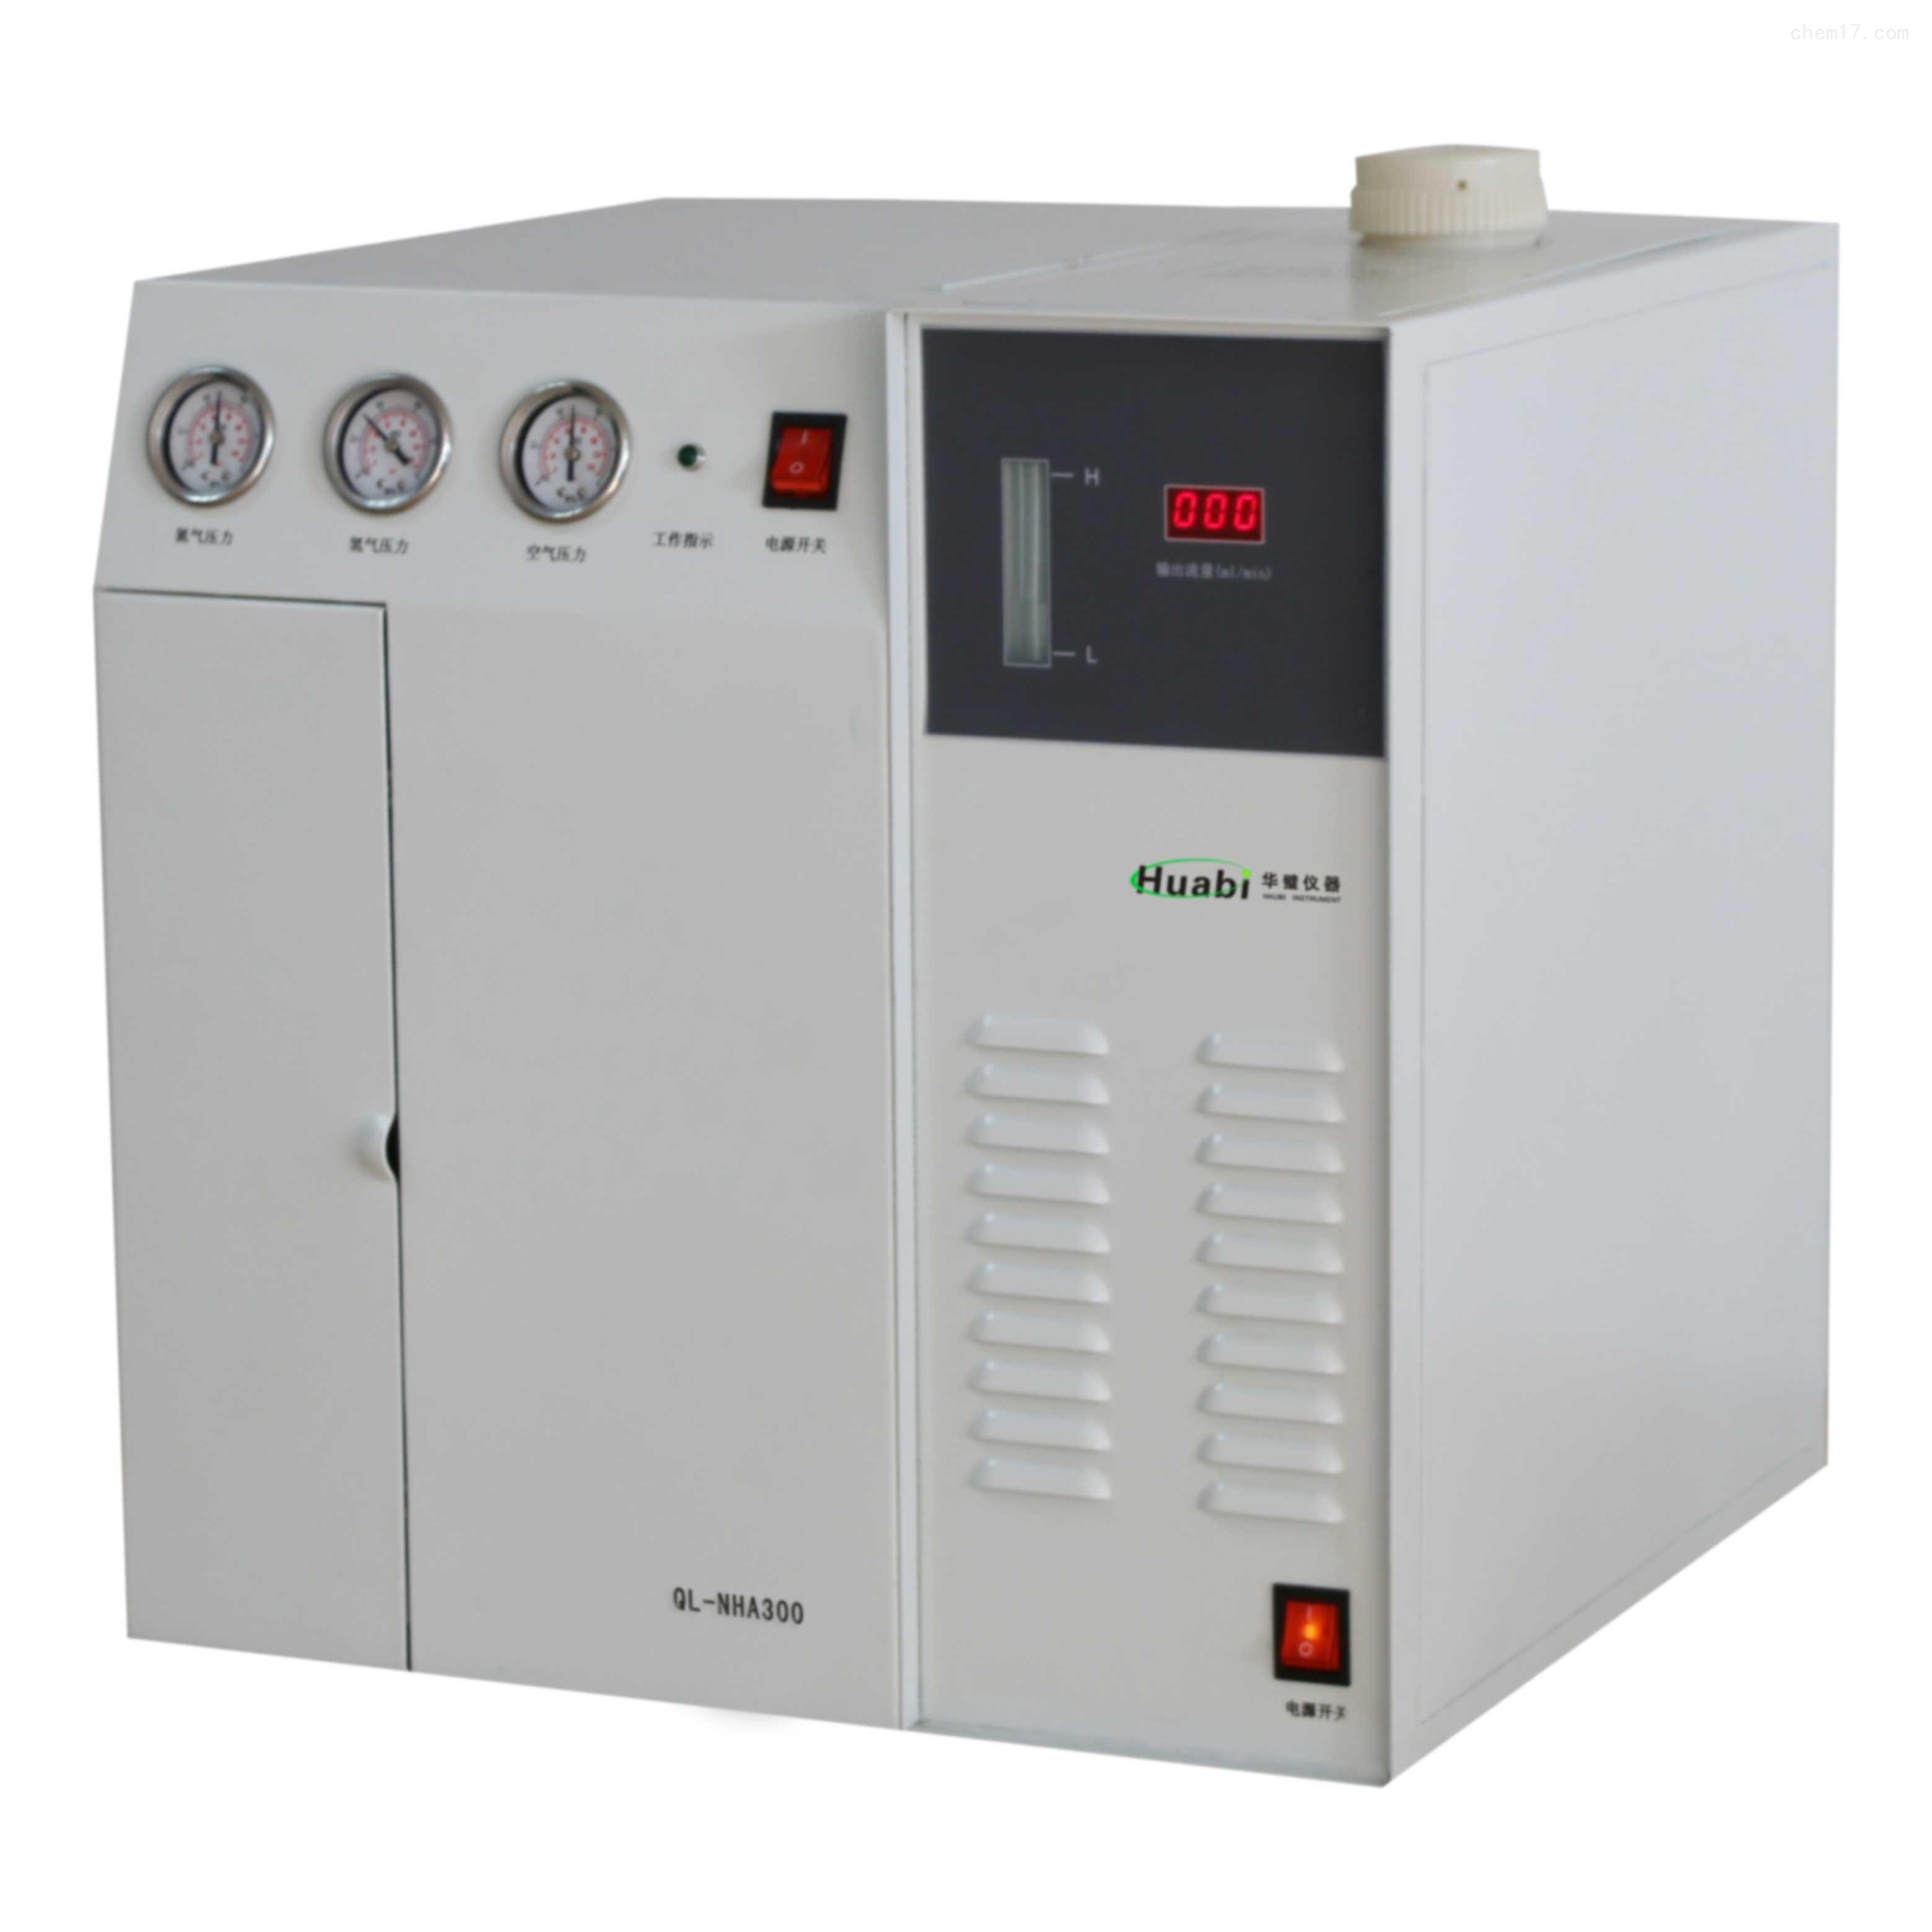 雷竞技s10竞猜QL-NHA300氮氢空一体机